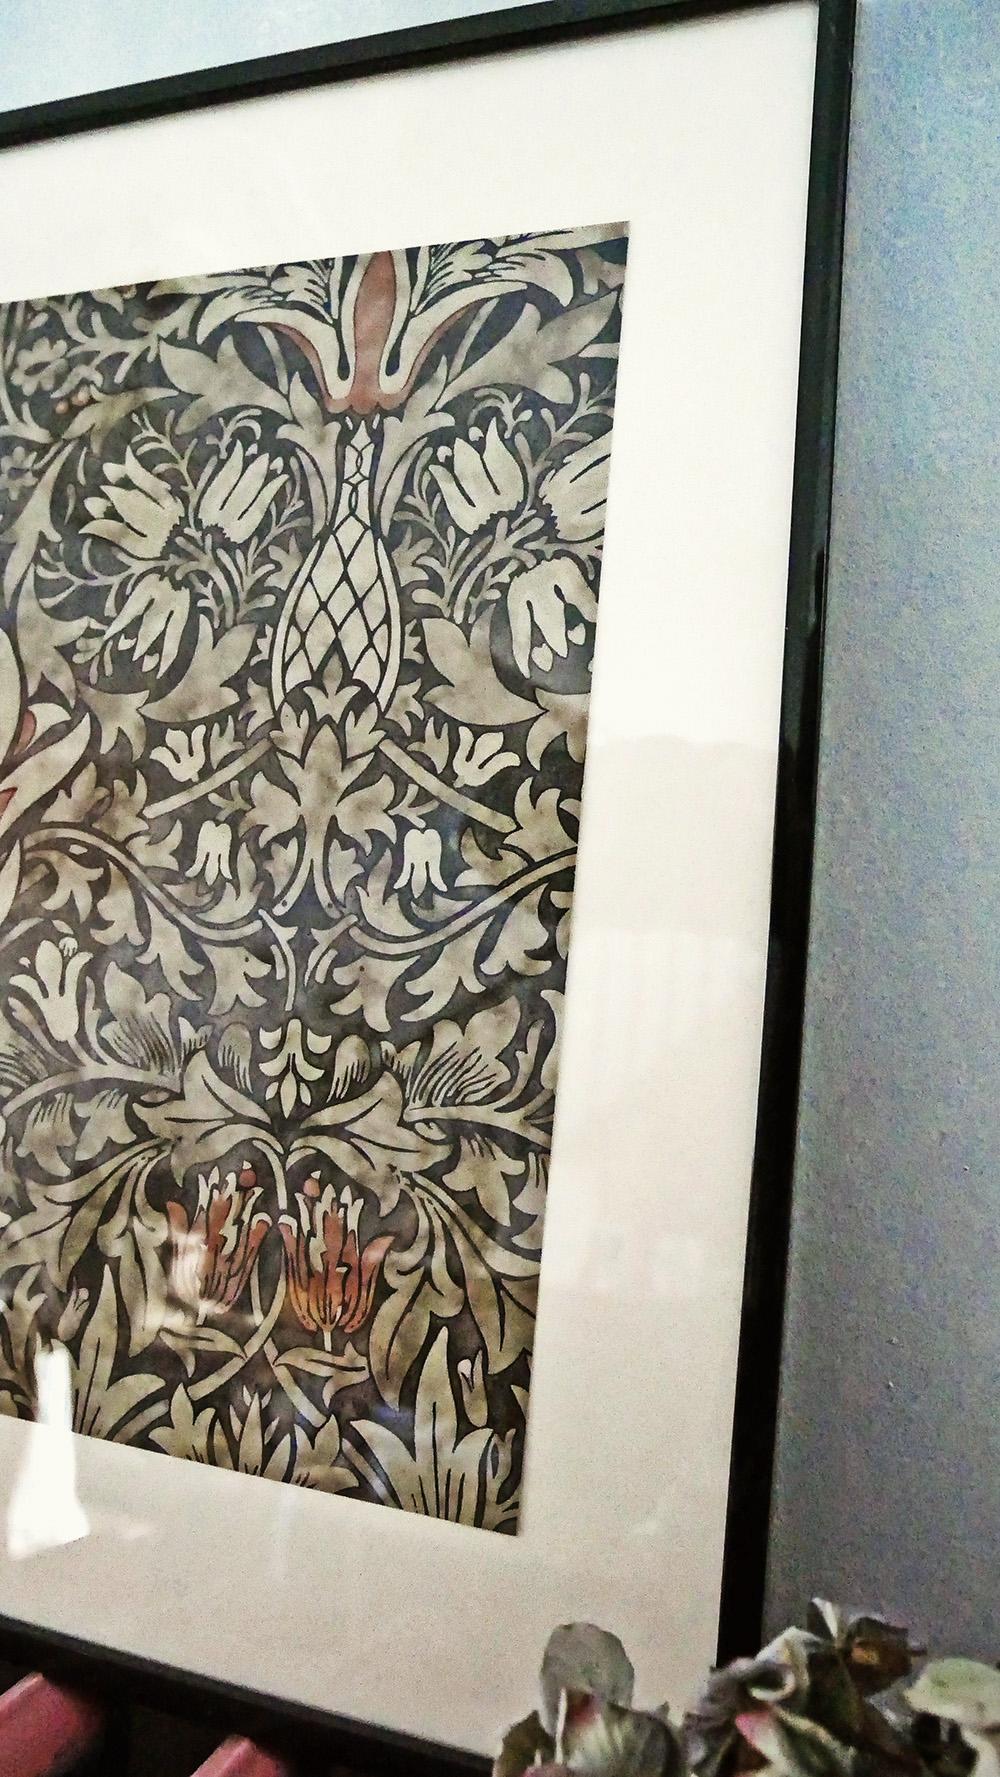 détail du cadre déco réalisé avec l'échantillon de papier peint Snakeshead de William Morris